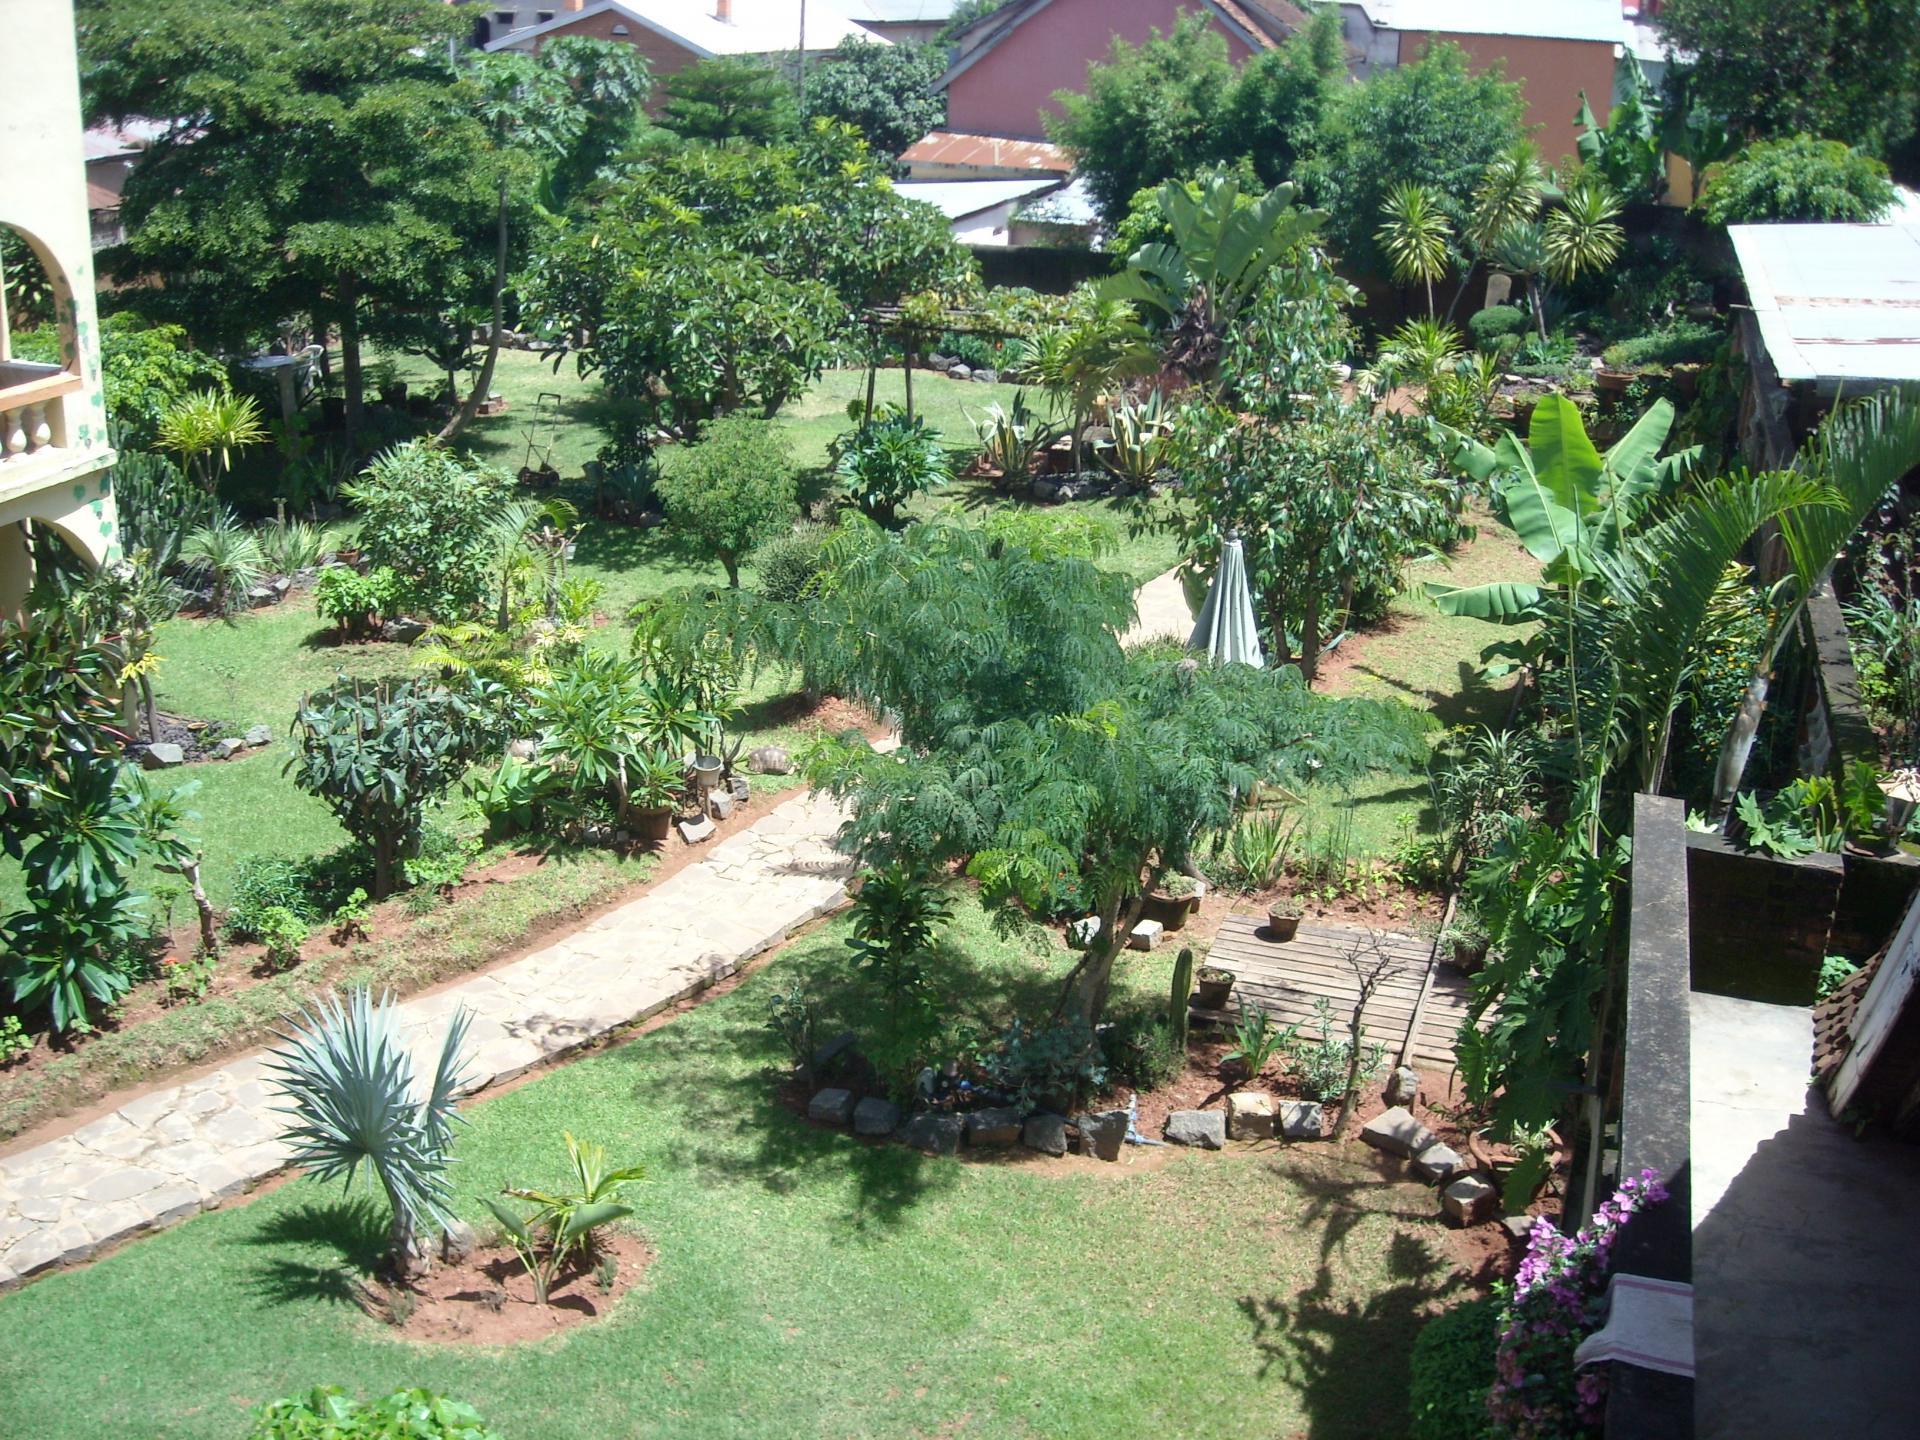 Salon de jardin baobab for Baobab jardin